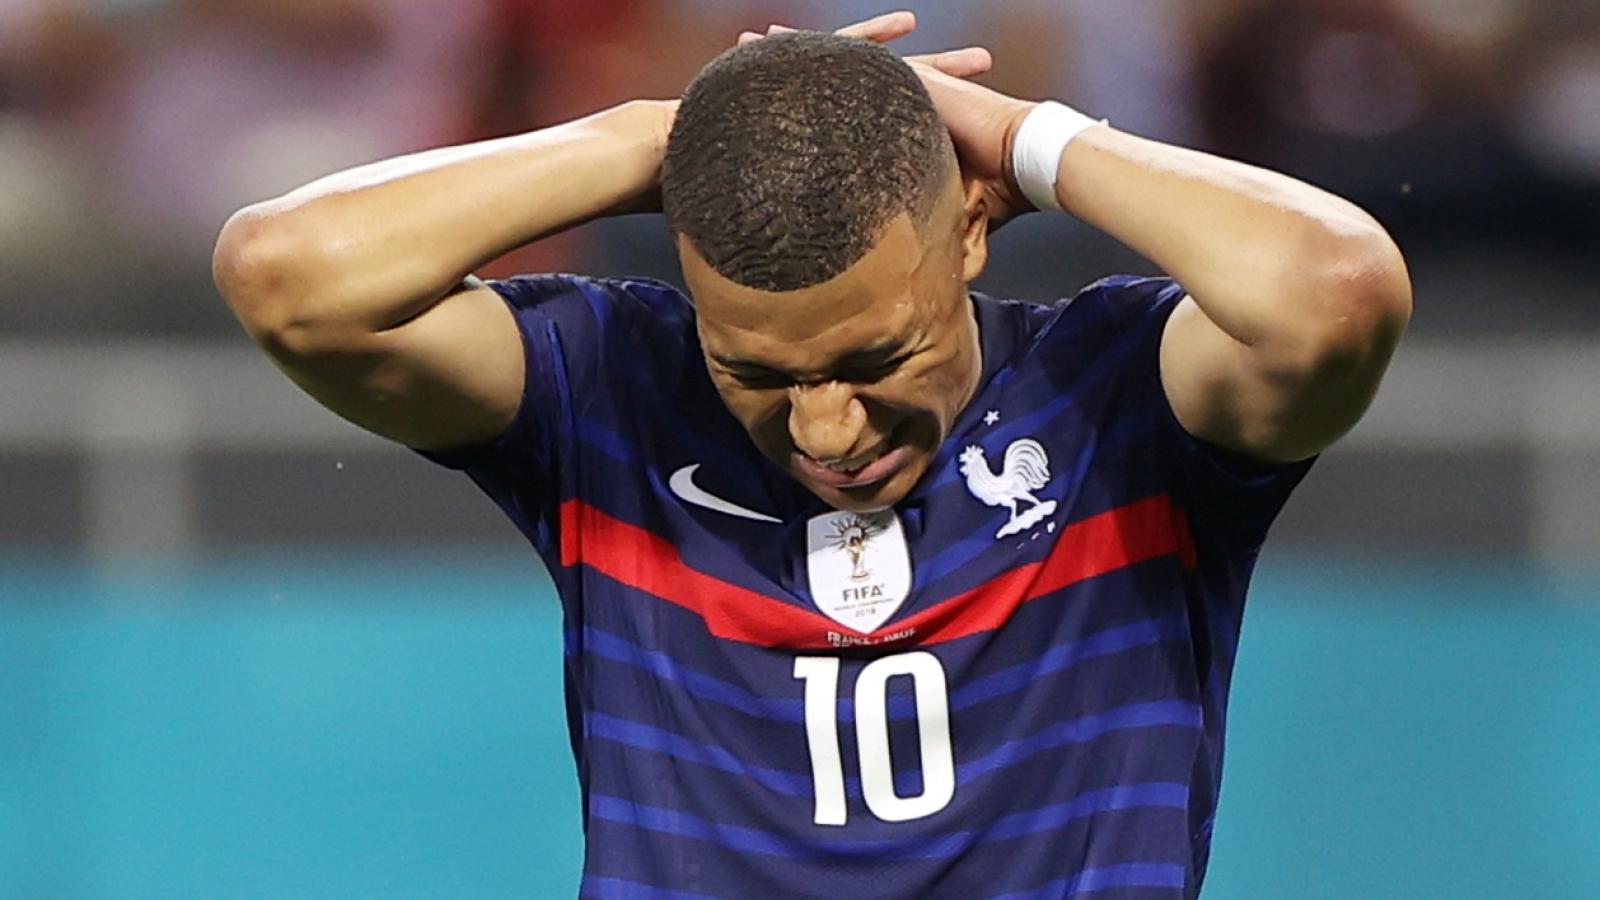 Pháp thua sốc Thụy Sĩ: HLV Deschamps an ủi Mbappe, tự nhận trách nhiệm về mình